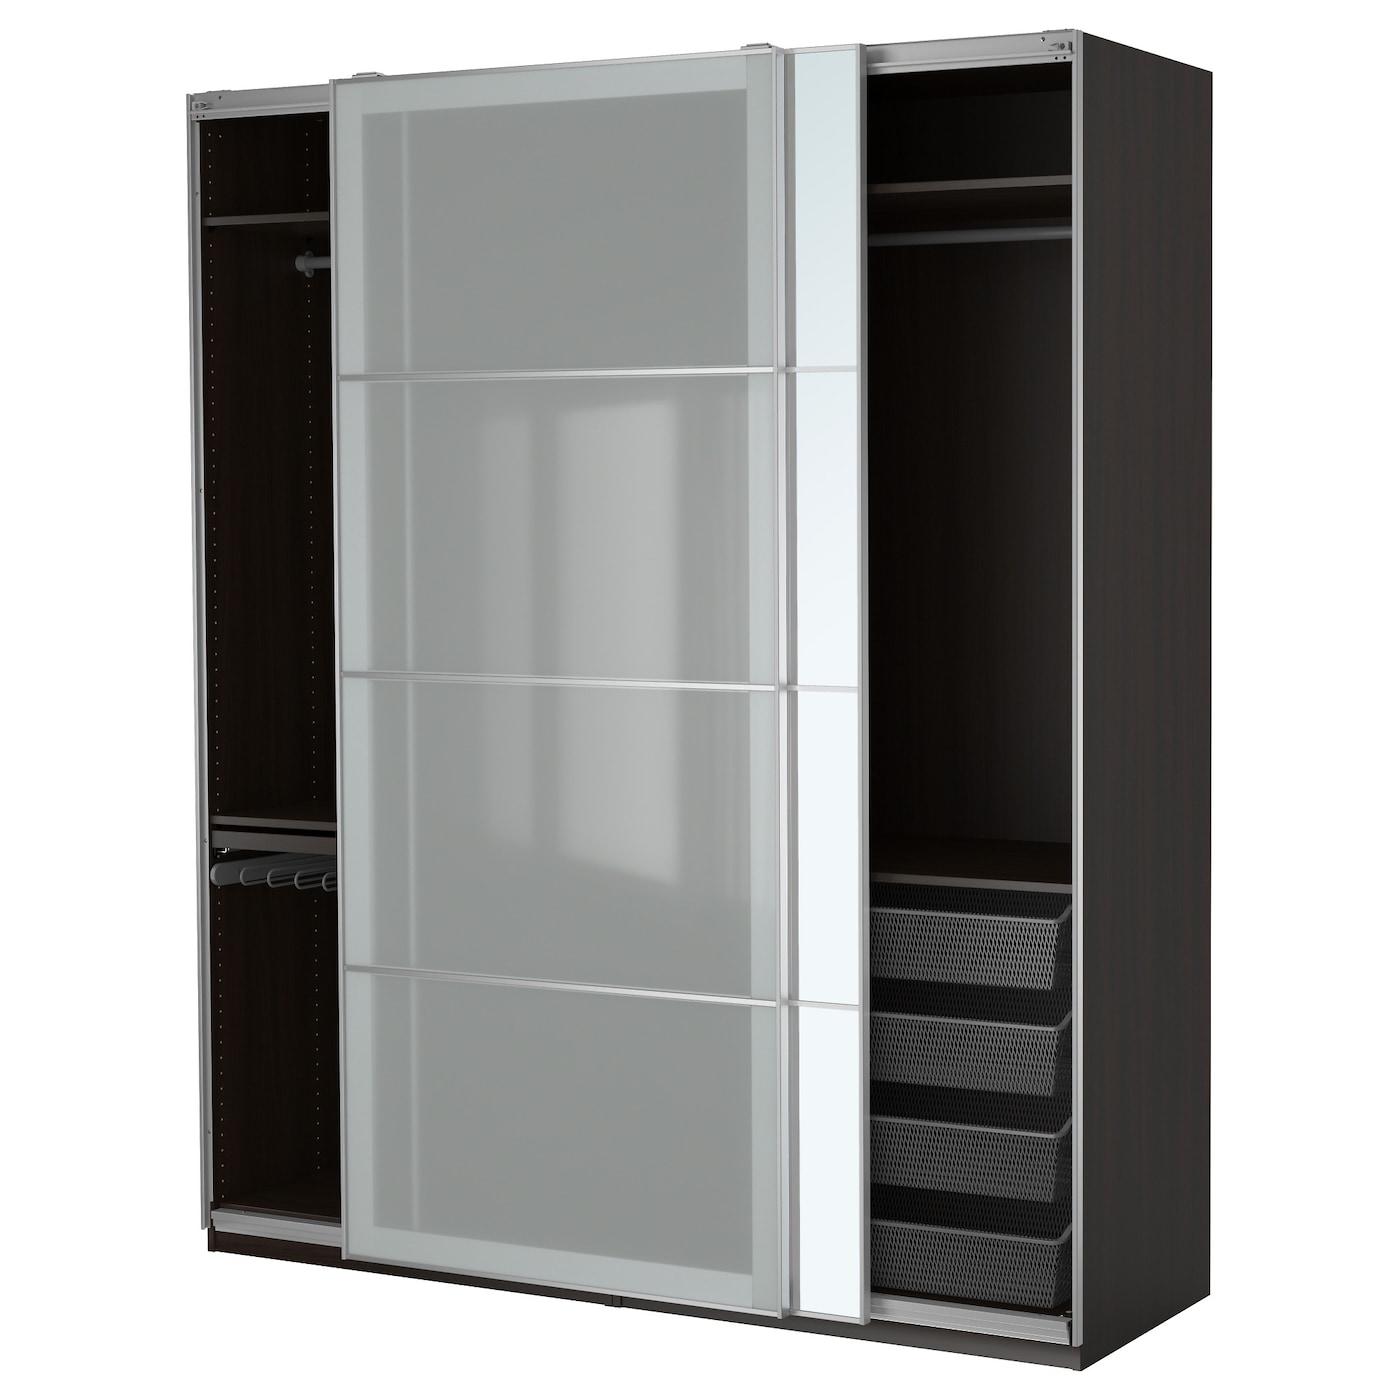 Pax armoire penderie brun noir auli sekken 200x66x236 cm for Choisir un congelateur armoire